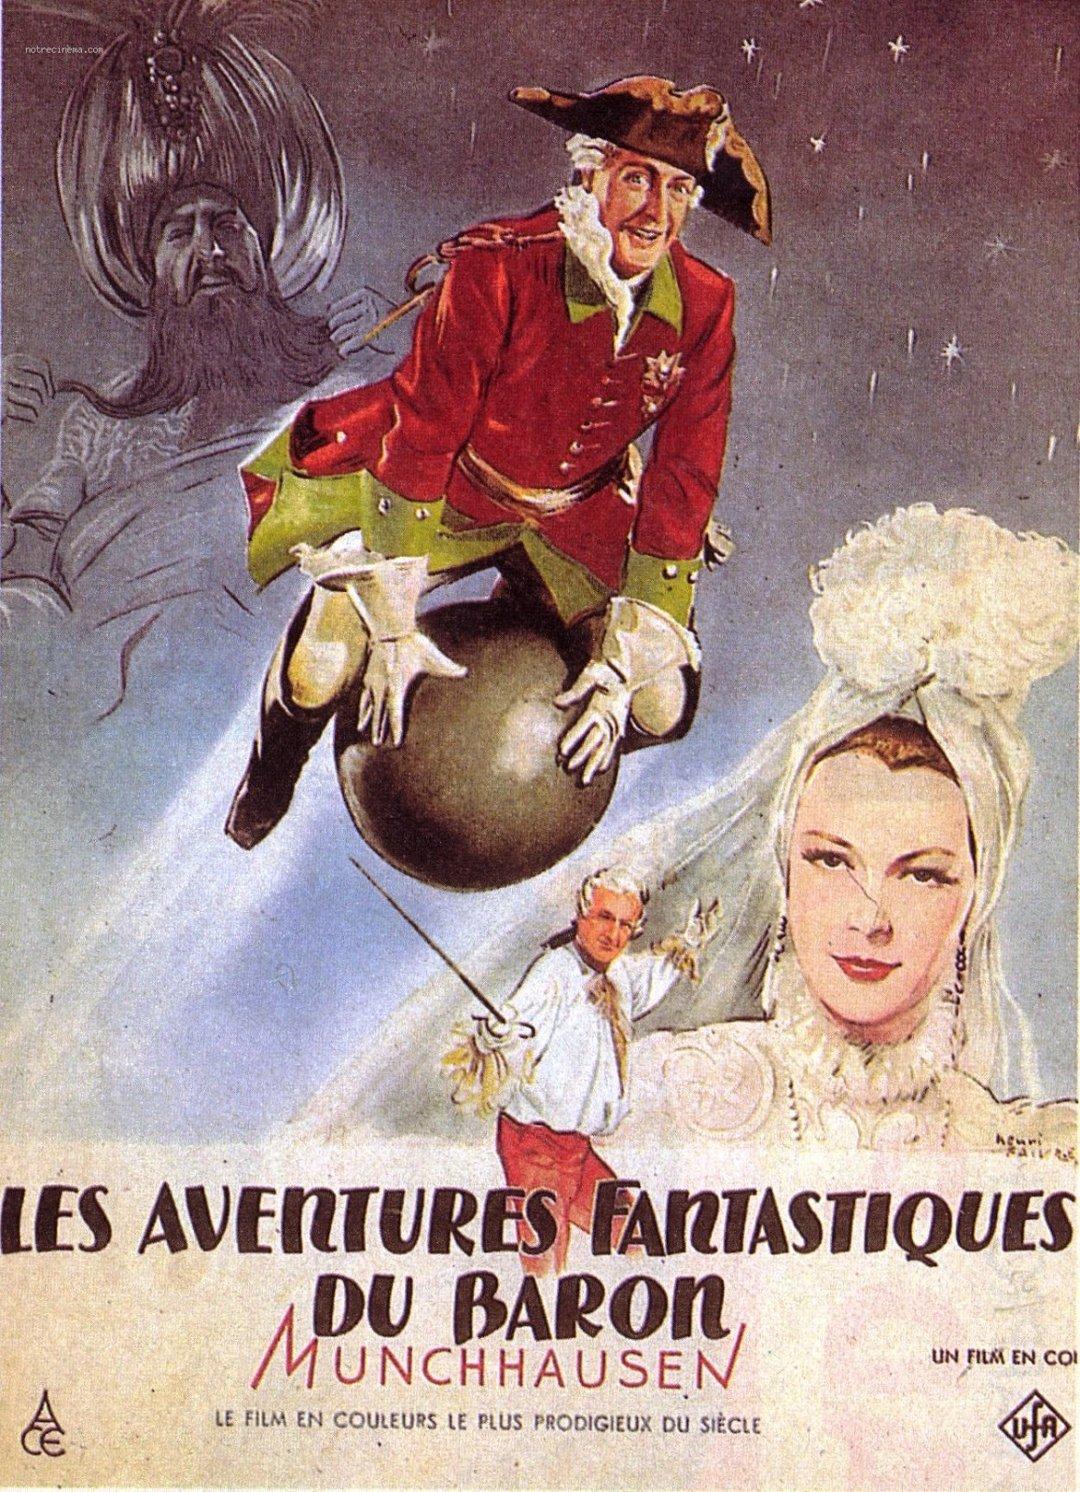 Иллюстрация с Мюнхгаузеном на ядре к кинофильму о бароне, созданном в 1943 году специалистами студии Universum Film (UFA) в Германии